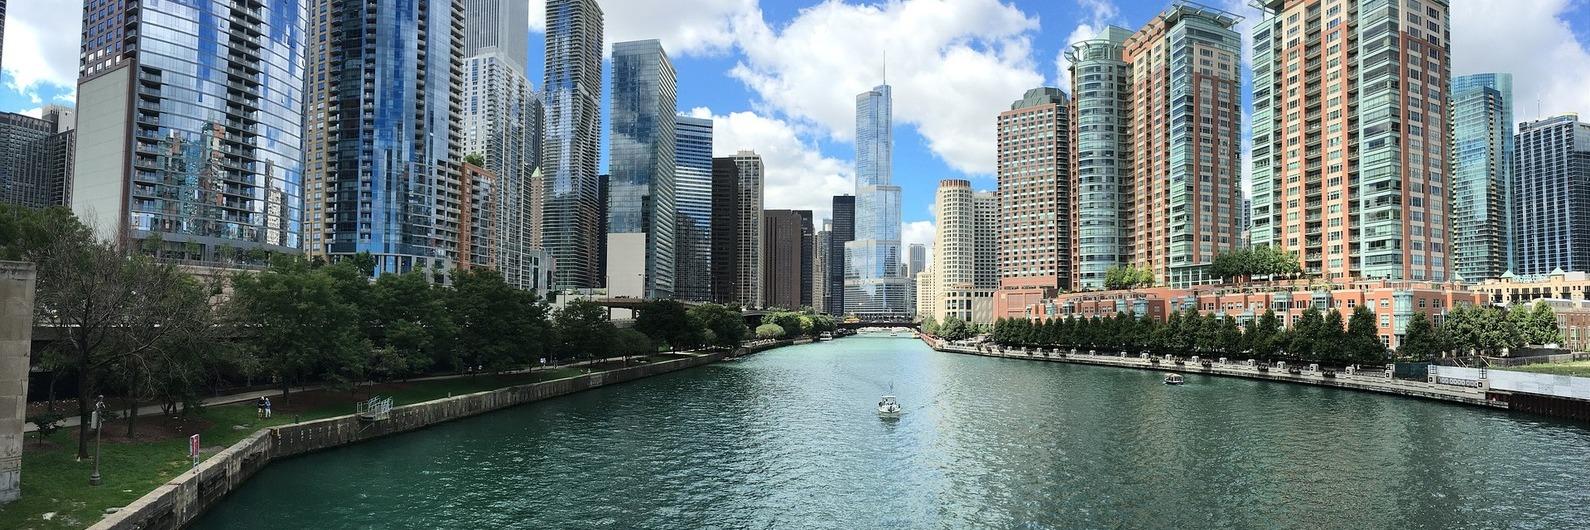 Musicais, restaurantes e arquitetura. Chicago é imperdível